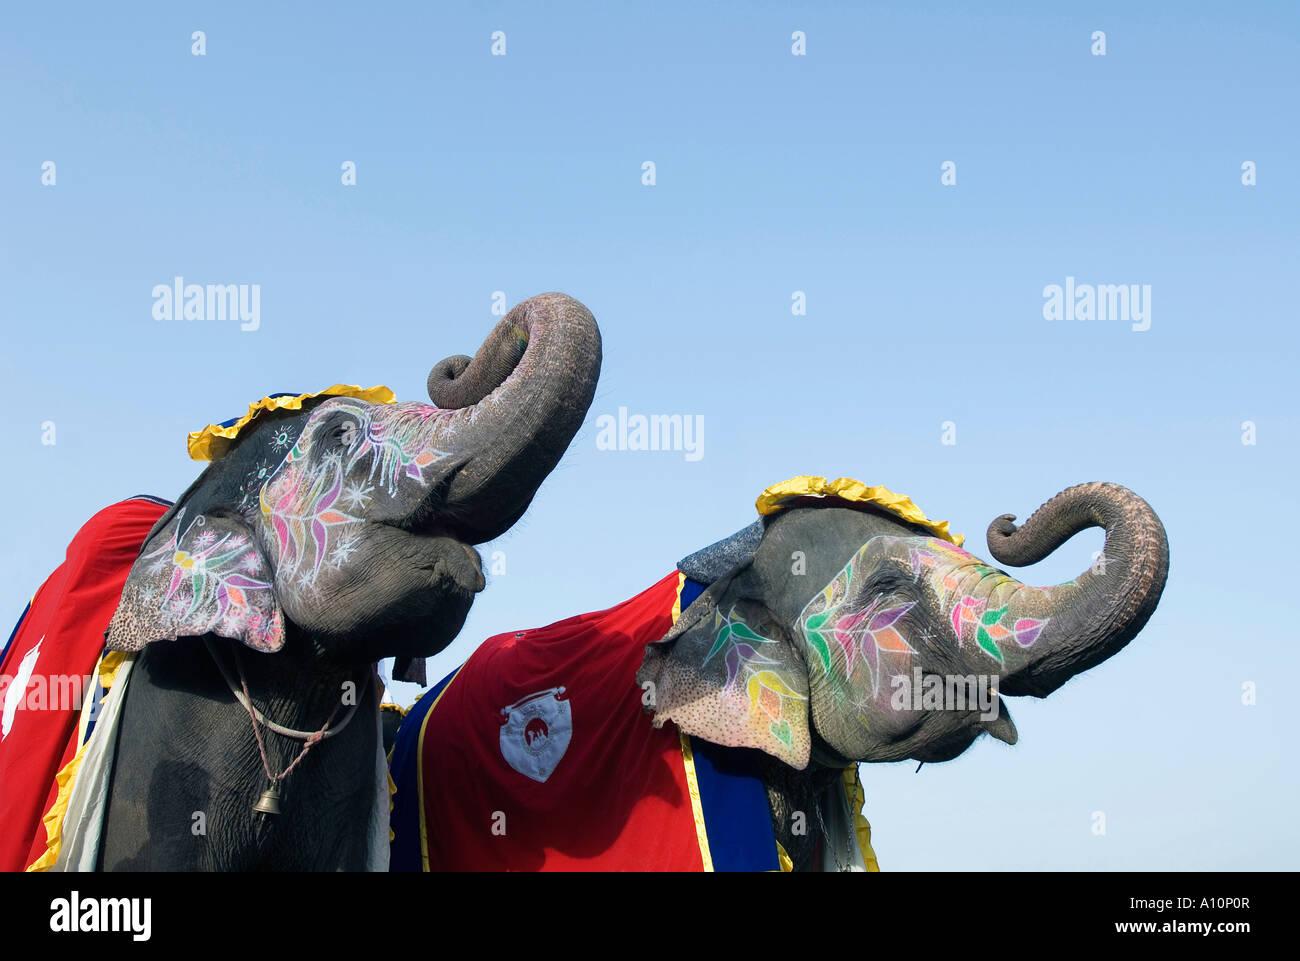 Ángulo de visión baja de elefantes pintados tocando sus trompetas, Jaipur, Rajasthan, India Imagen De Stock